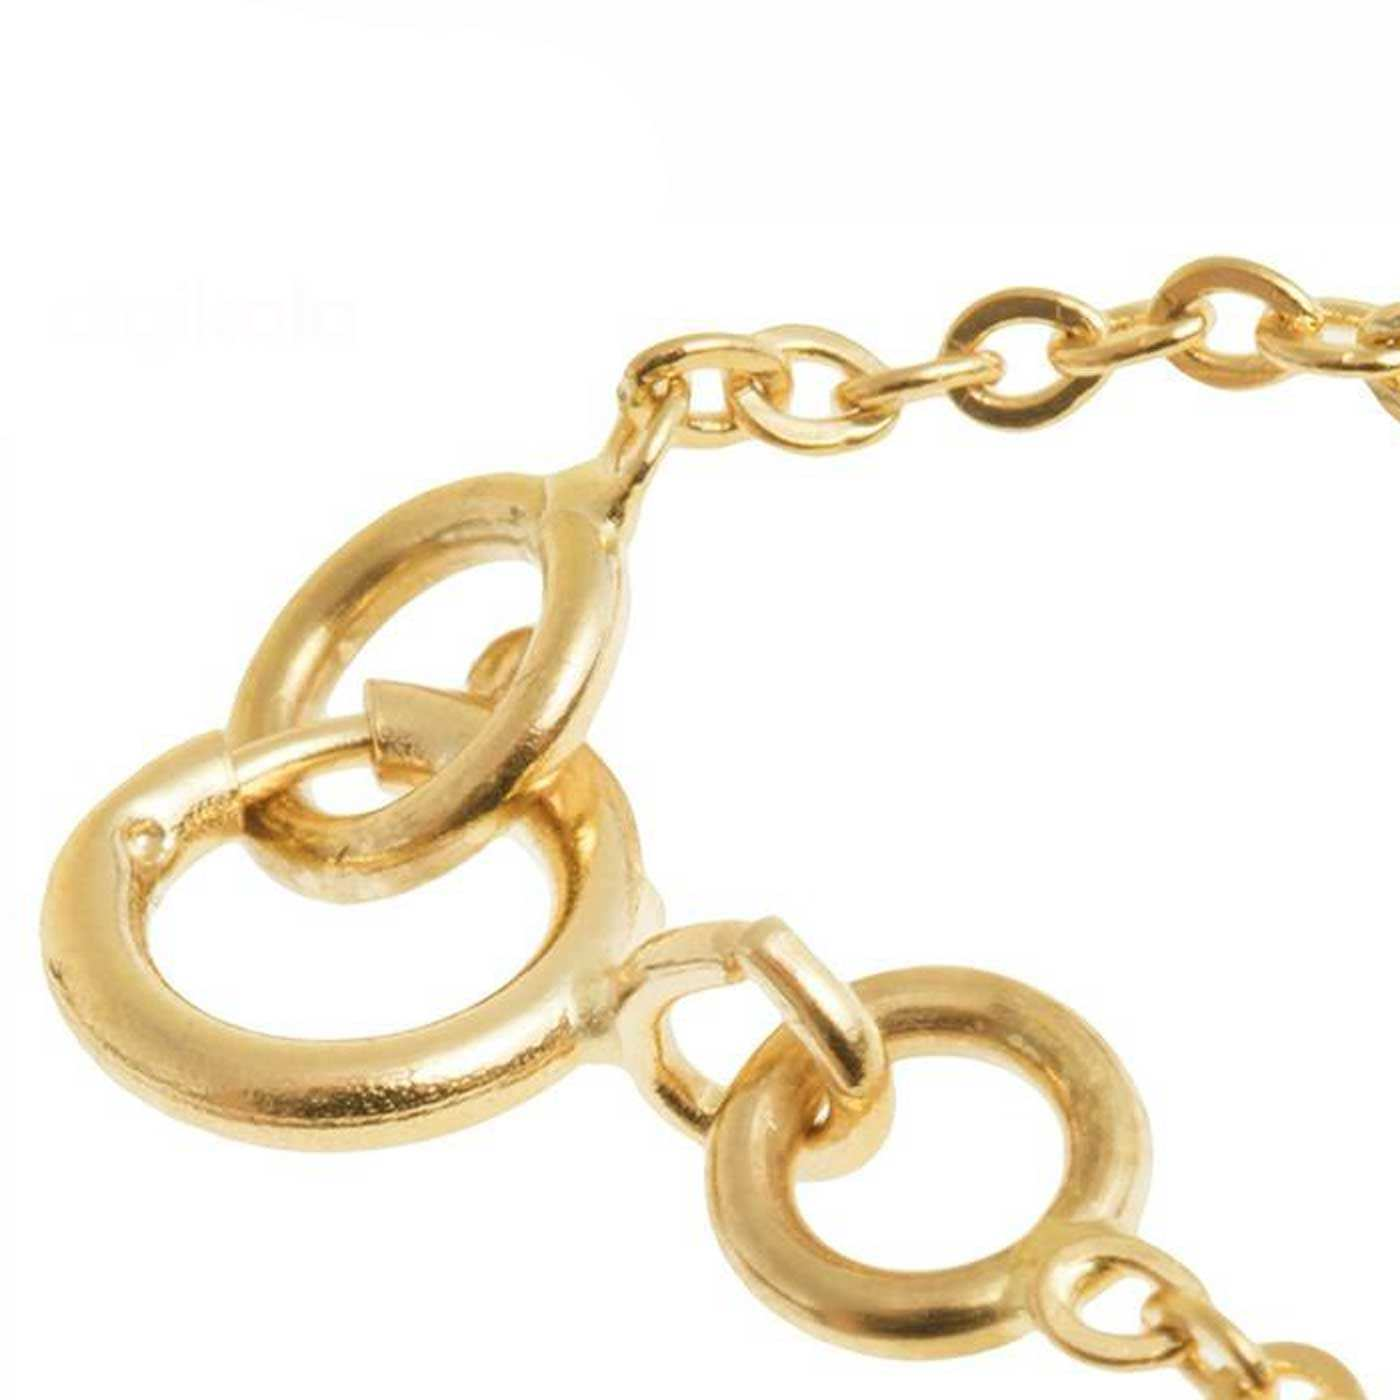 آویز ساعت طلا 18 عیار زنانه کانیار گالری کد AS32 -  - 3